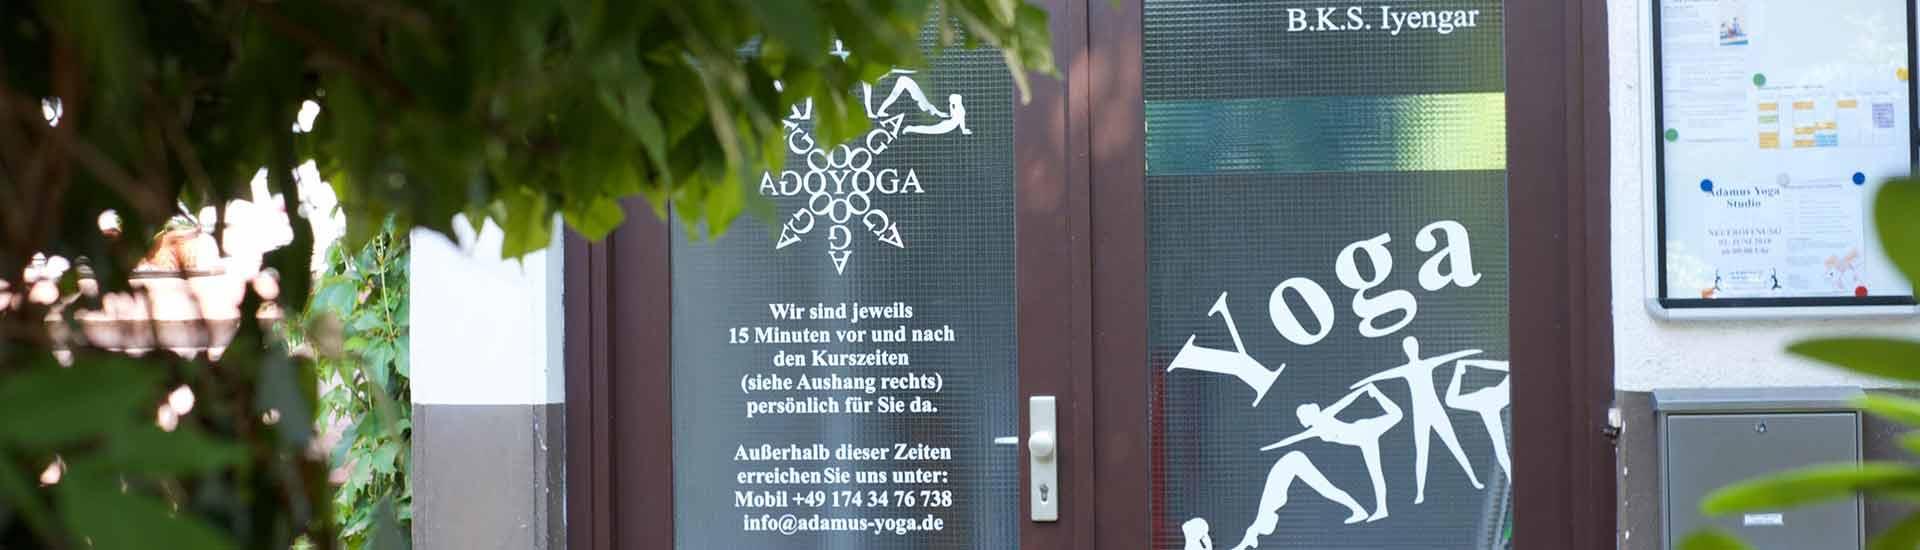 Sie sehen den Eingang zum Adamus Yoga Studio in Bad Säckingen.